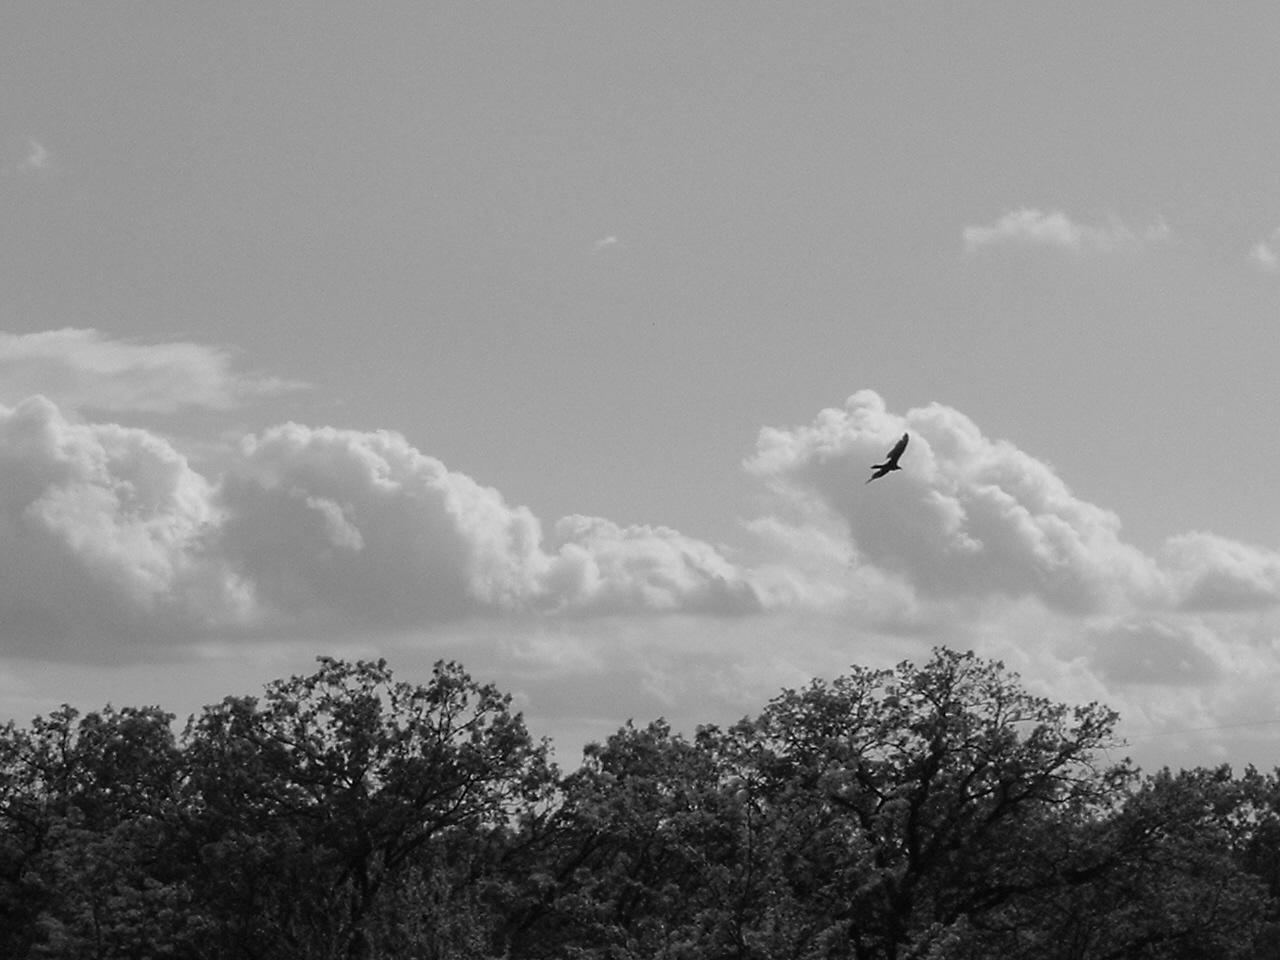 Bird in the sky by sSTARRMa